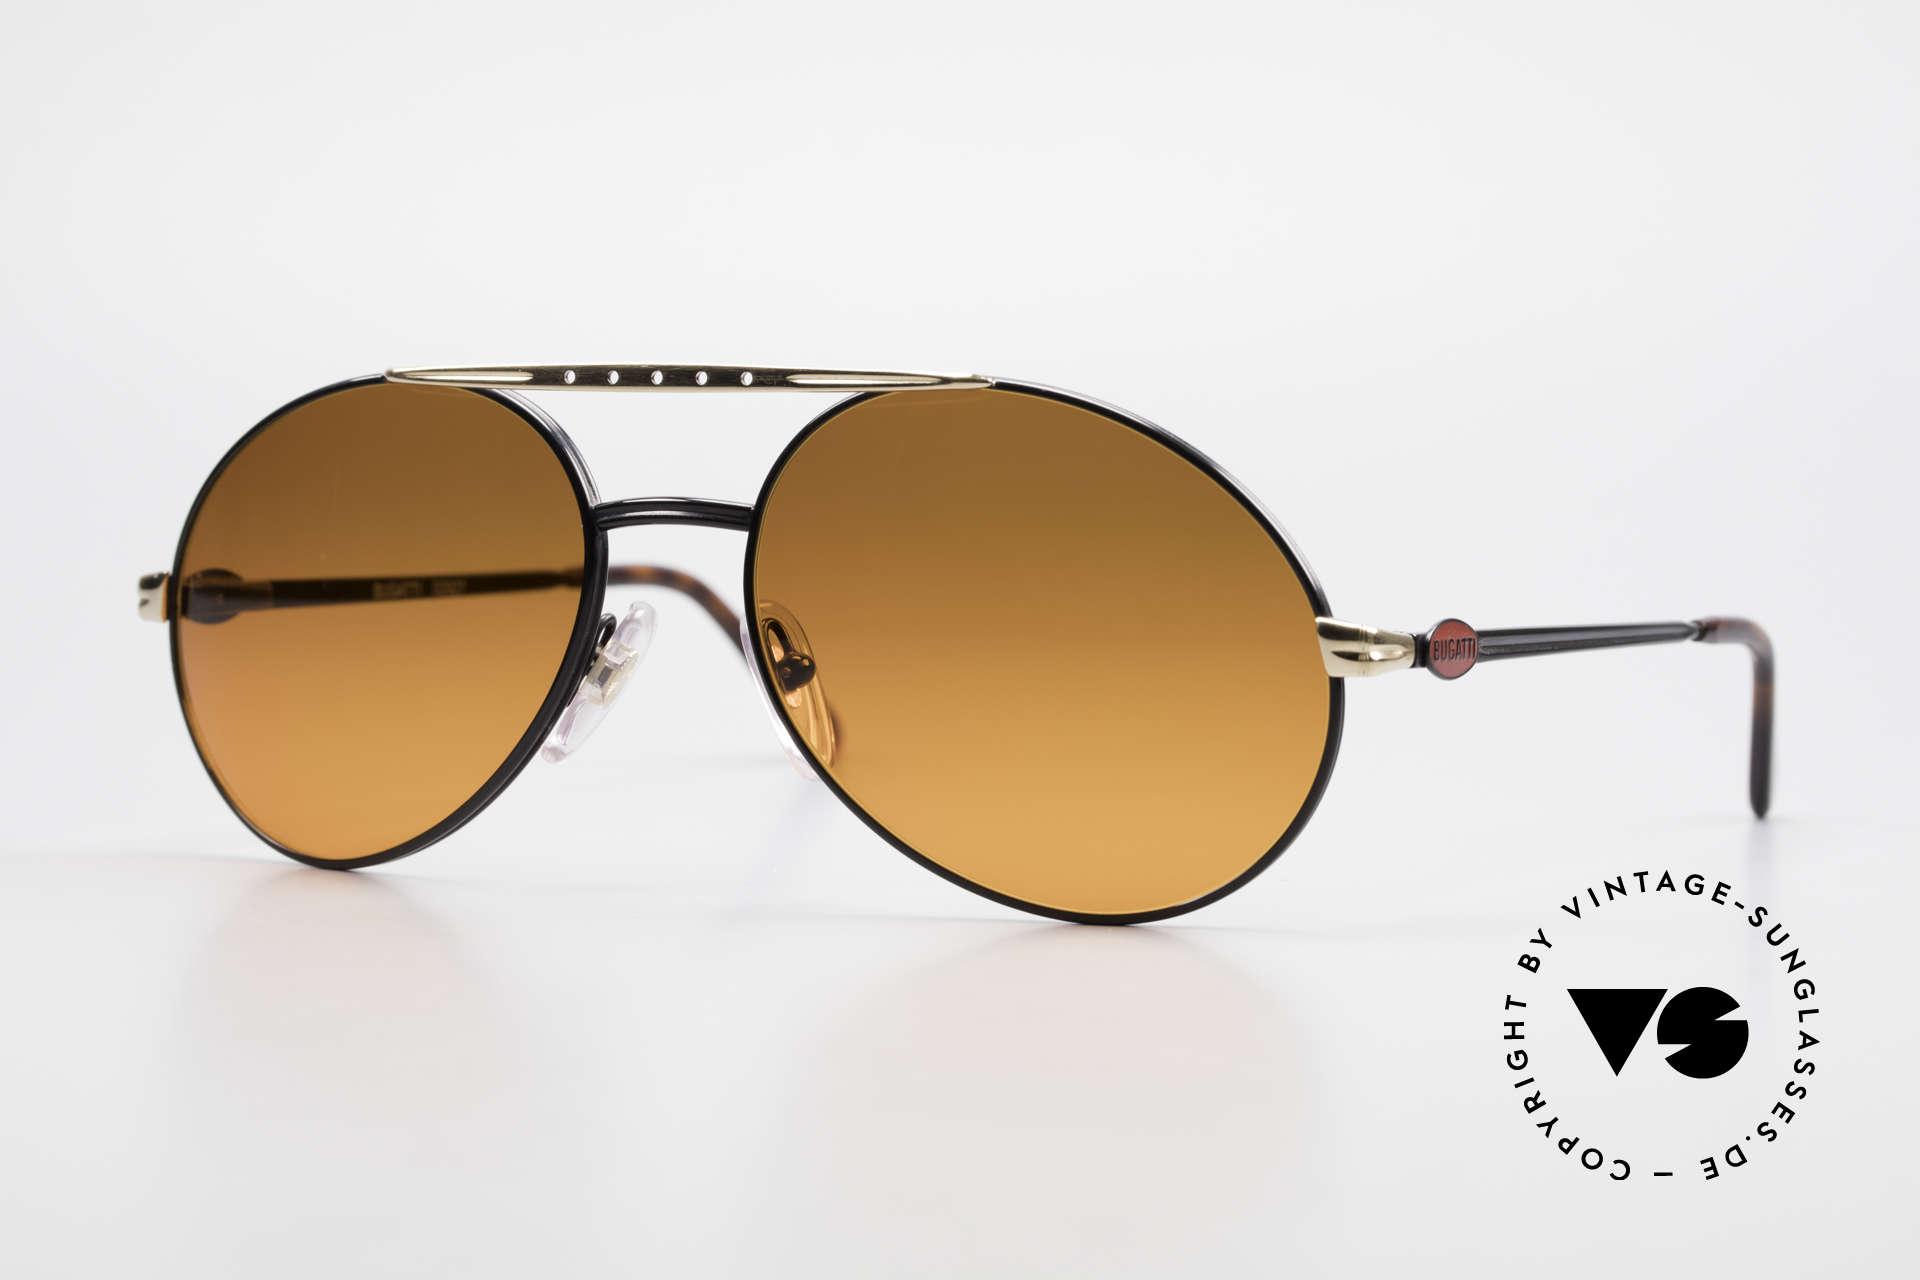 Bugatti 02927 Sunset Sun Lenses 80's Rarity, very elegant Bugatti vintage 80's designer sunglasses, Made for Men